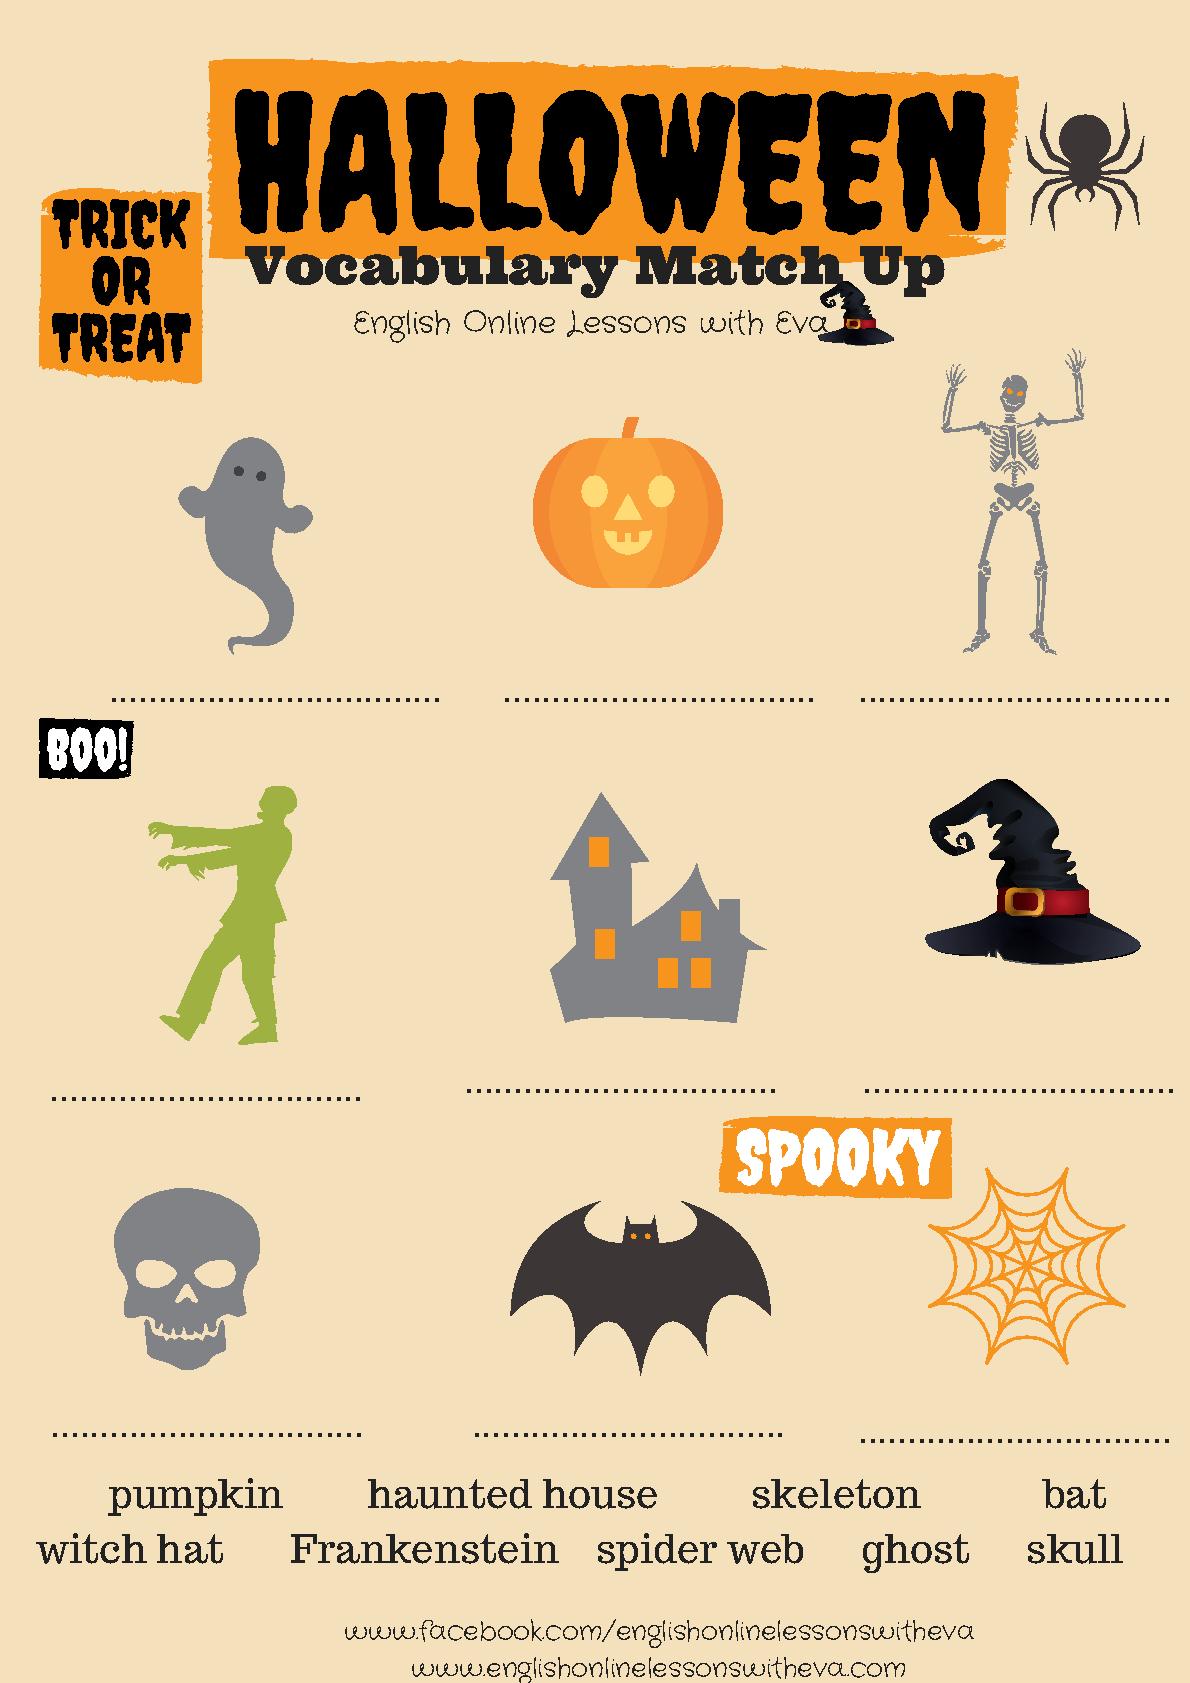 214 Free Halloween Worksheets - Free Printable French Halloween Worksheets